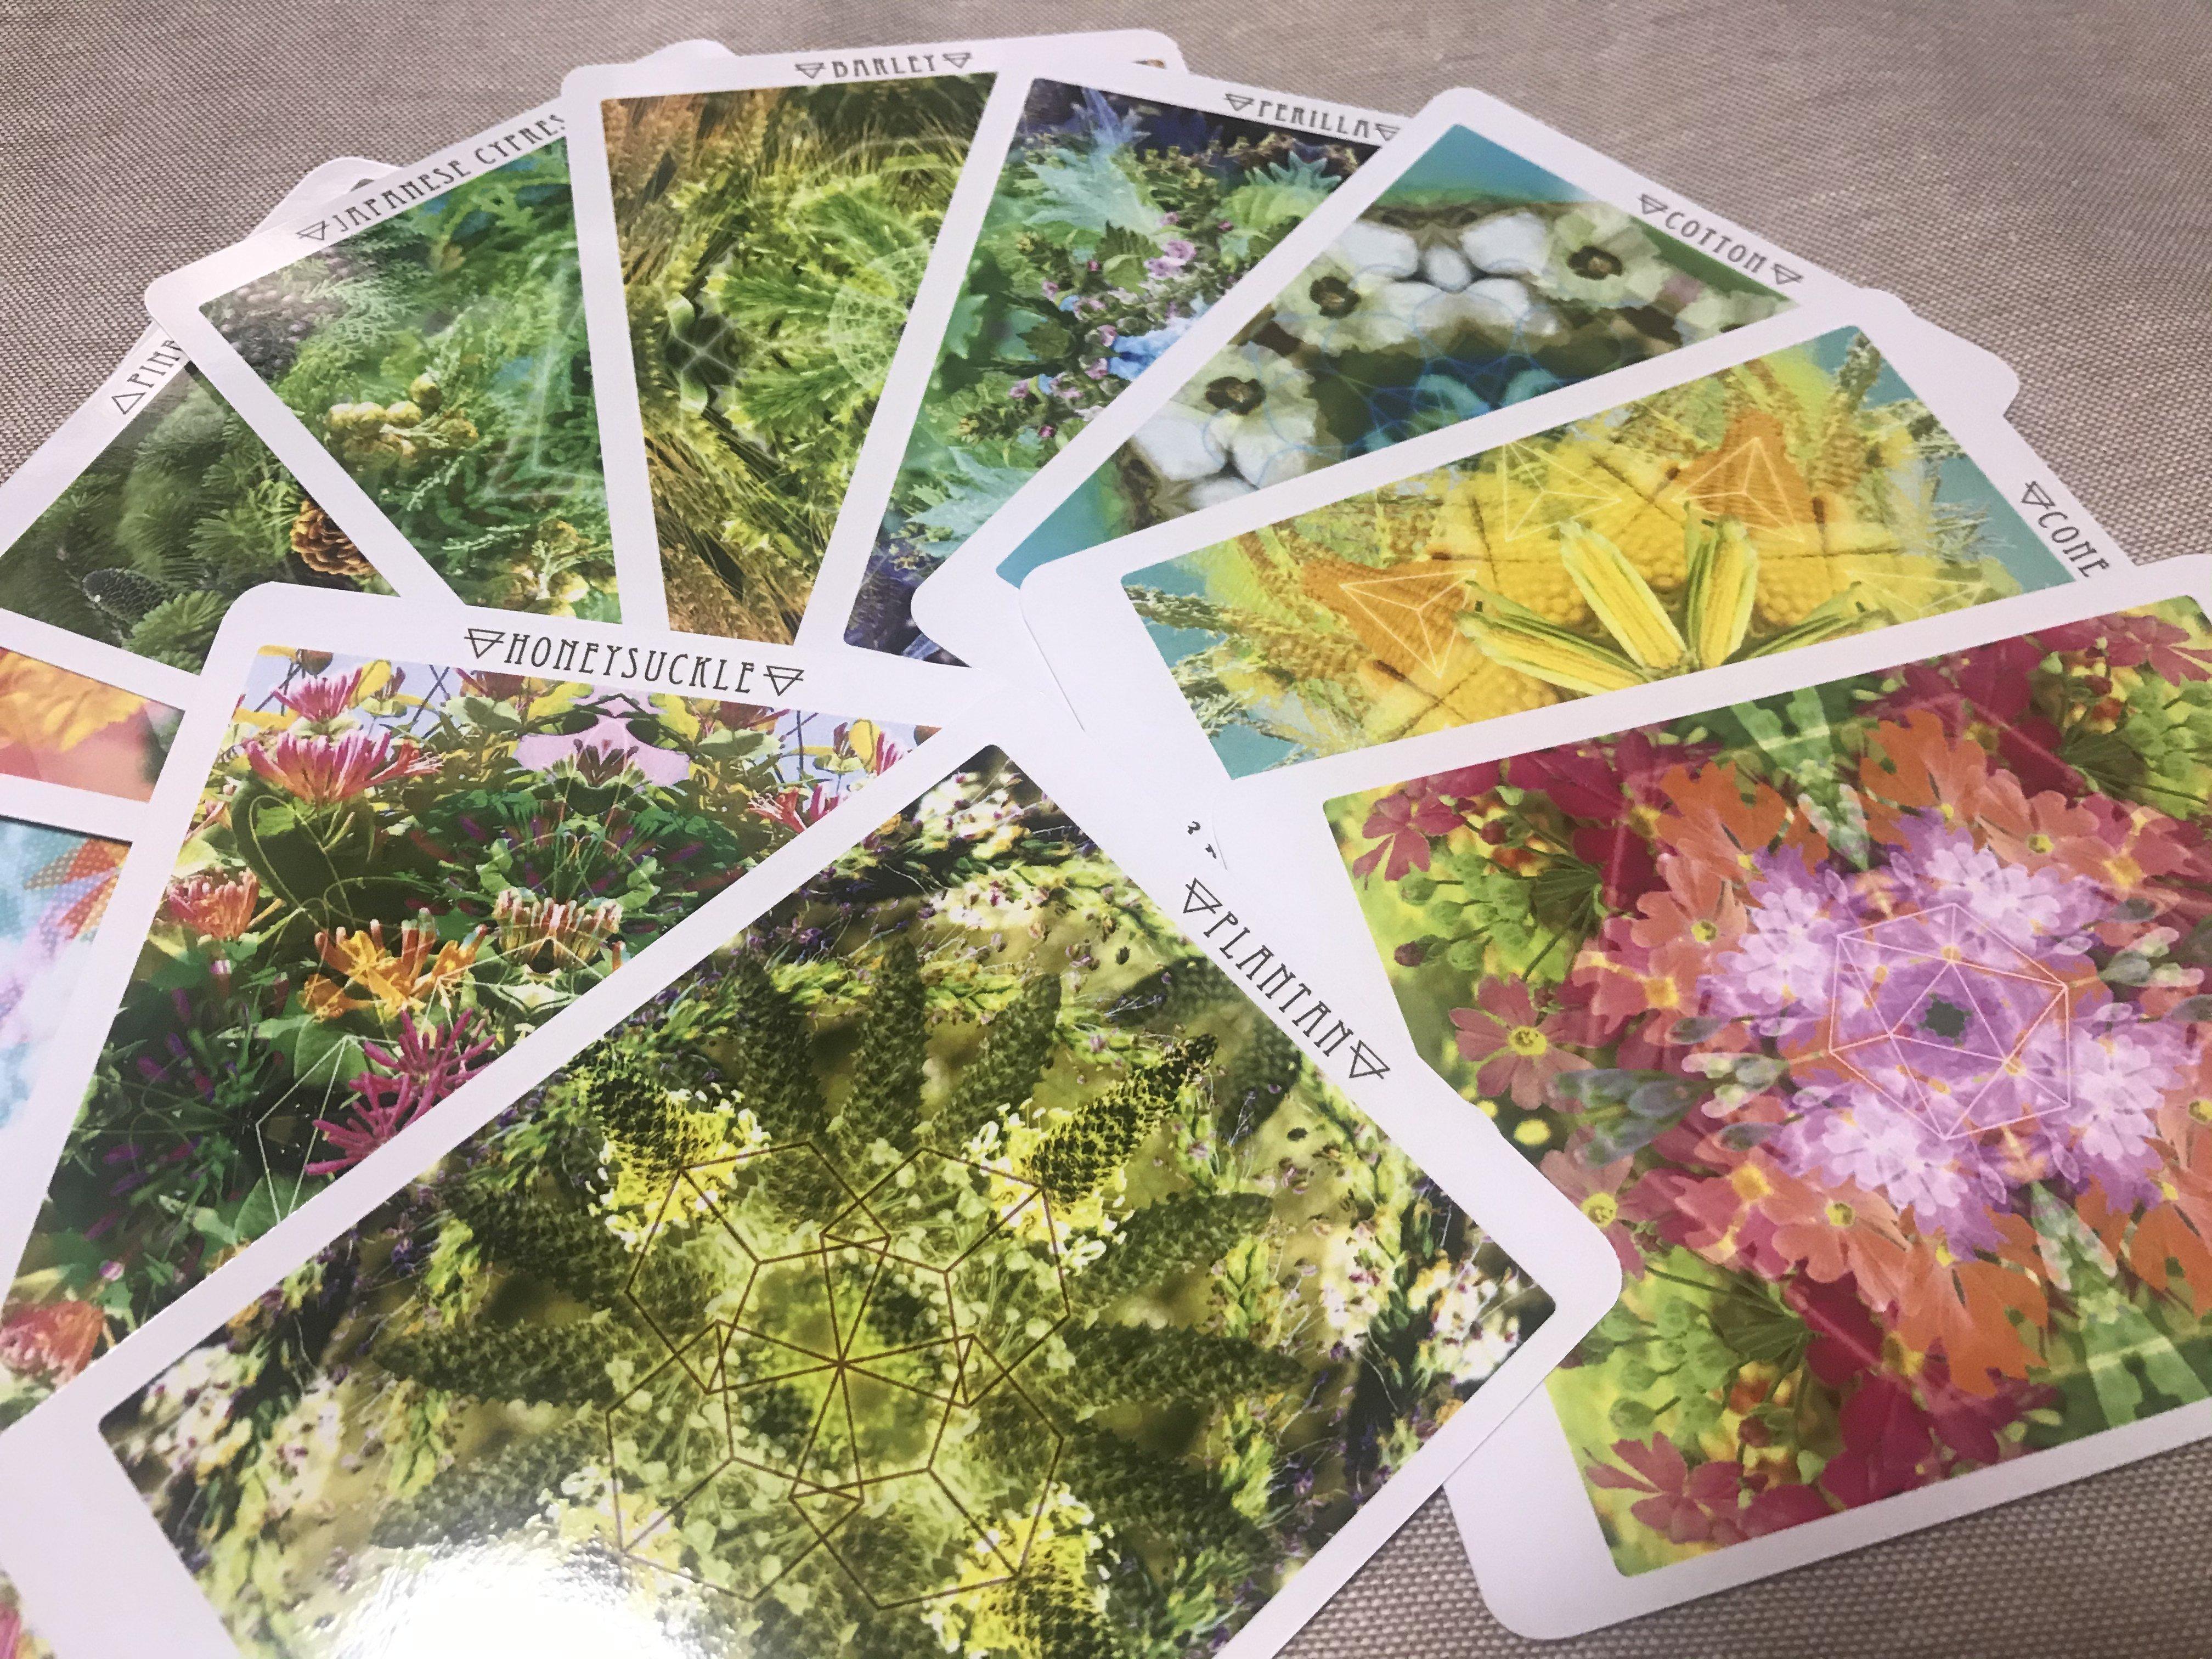 「花曼荼羅®カード鑑定」「花曼荼羅®塗り絵」セットチケットのイメージその1